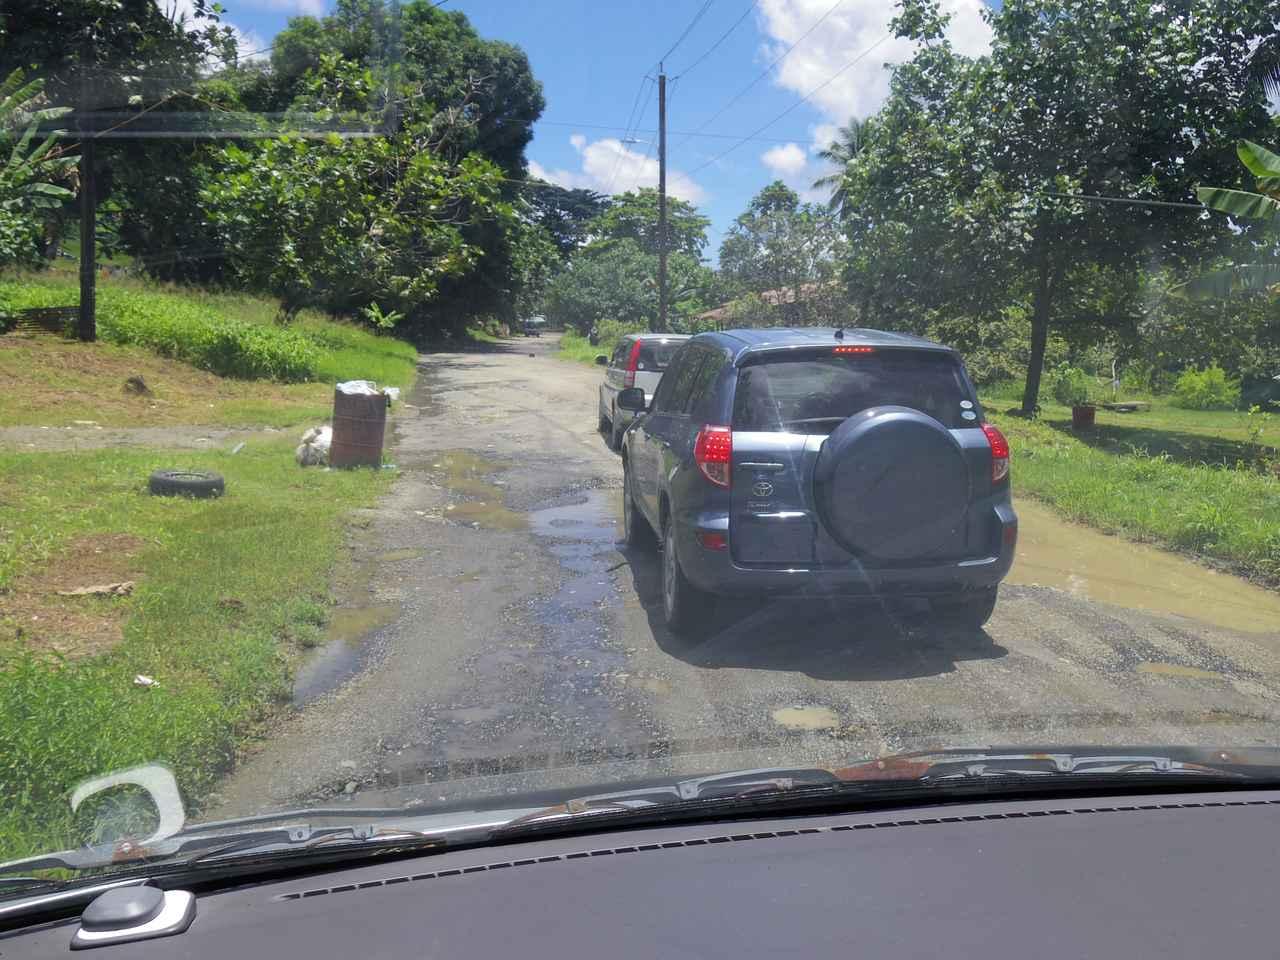 画像: コンクリートが破損している箇所が非常に多いチューク諸島(ウェノ島)の道路